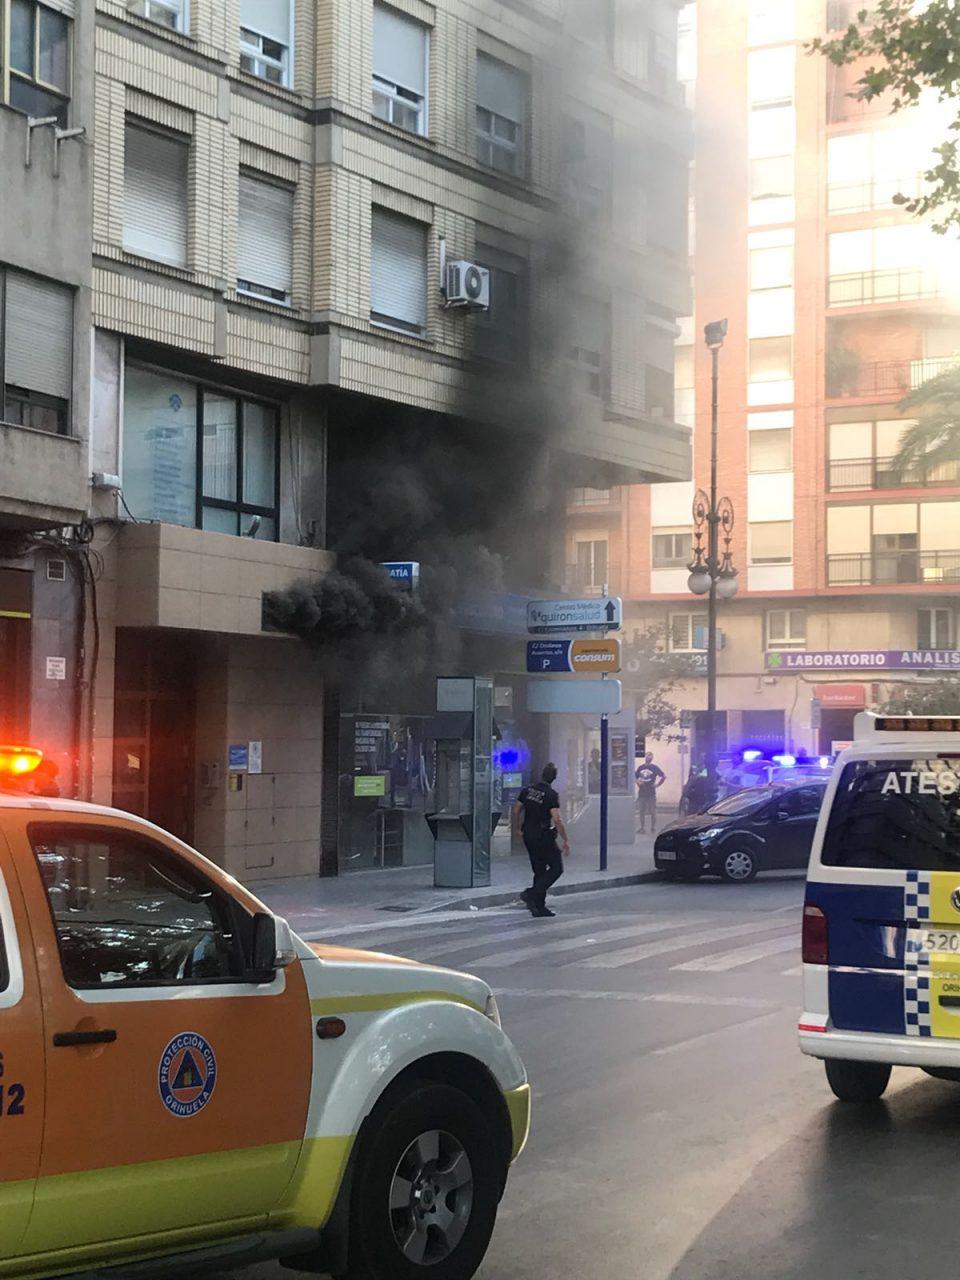 Incendio en el cuadro de luces de un edificio en el centro de Orihuela 6